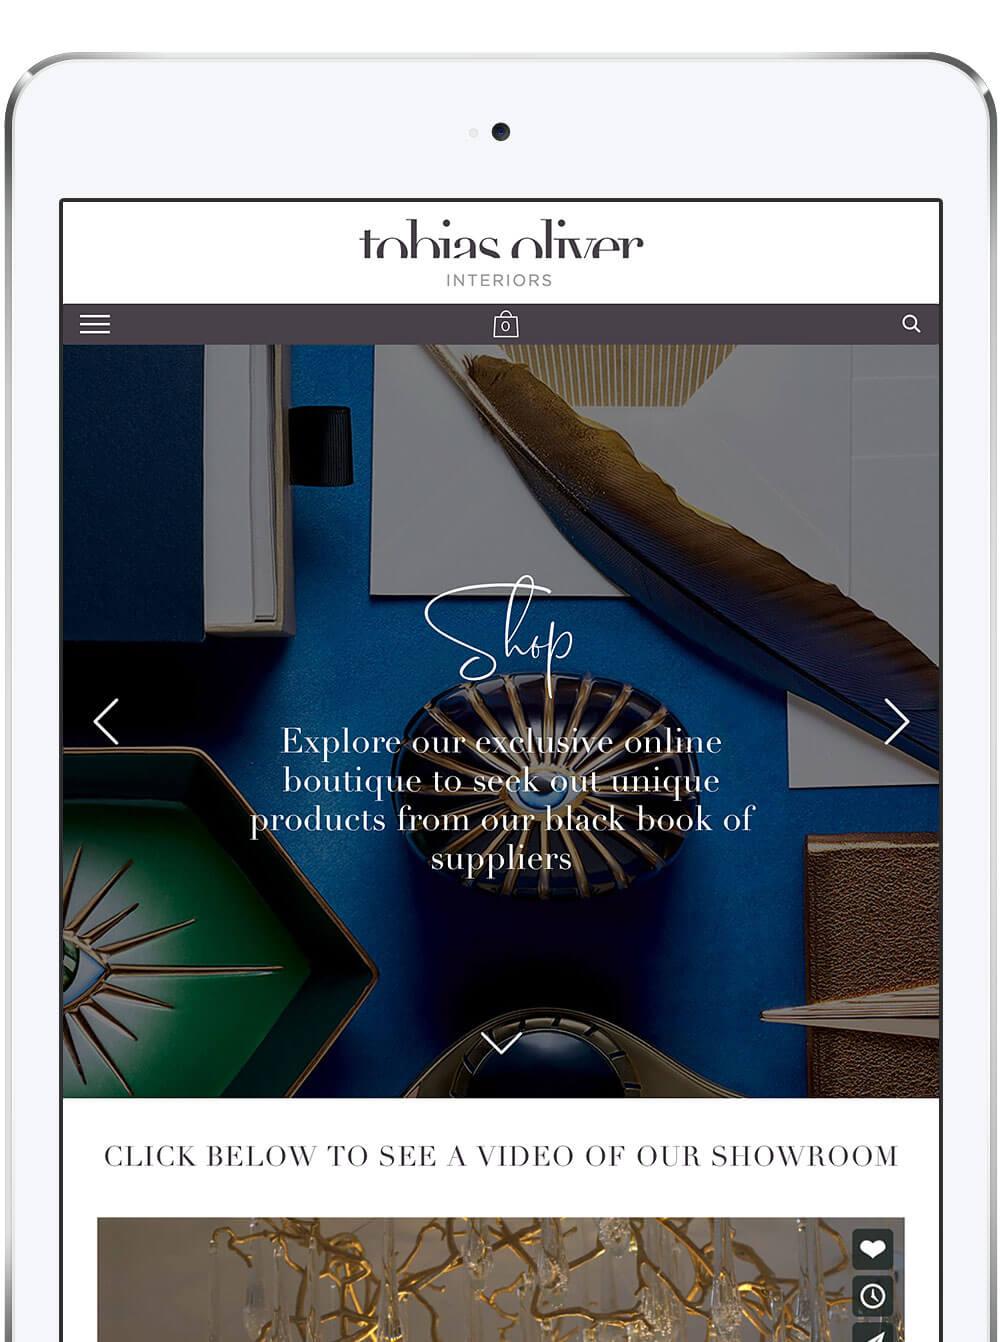 Tobias Oliver Interiors